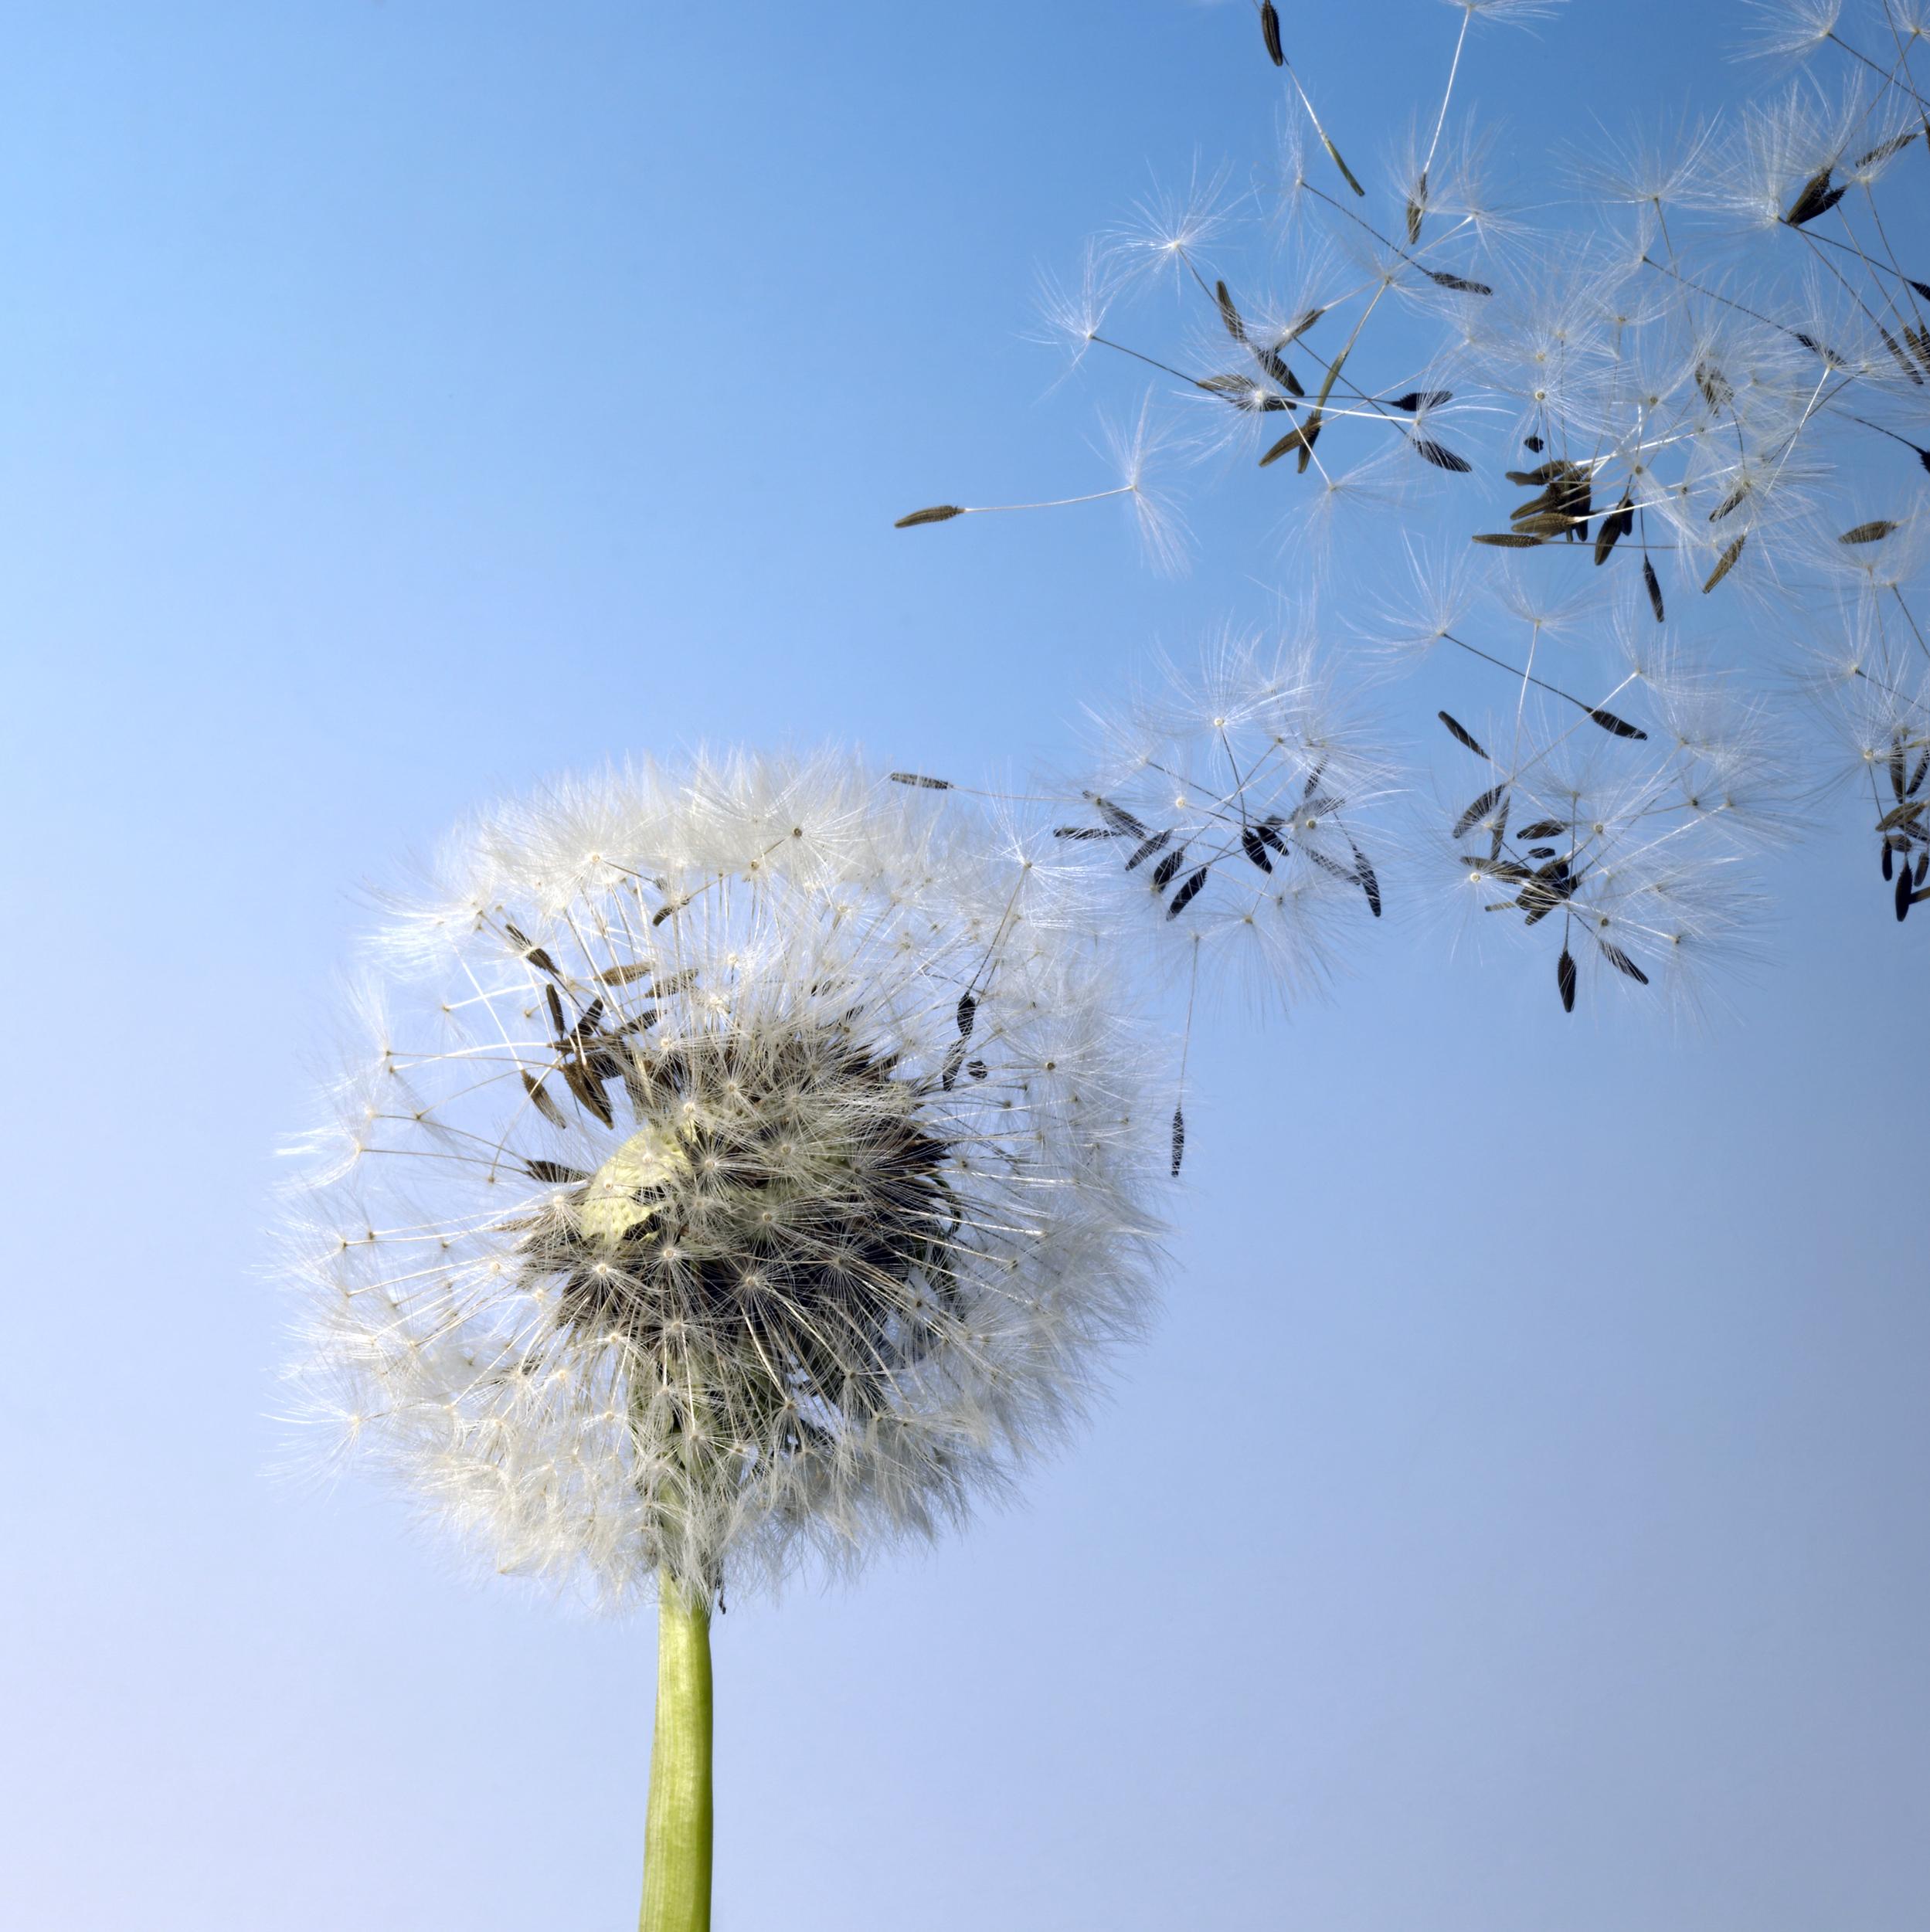 flying dandelion seeds in blue back